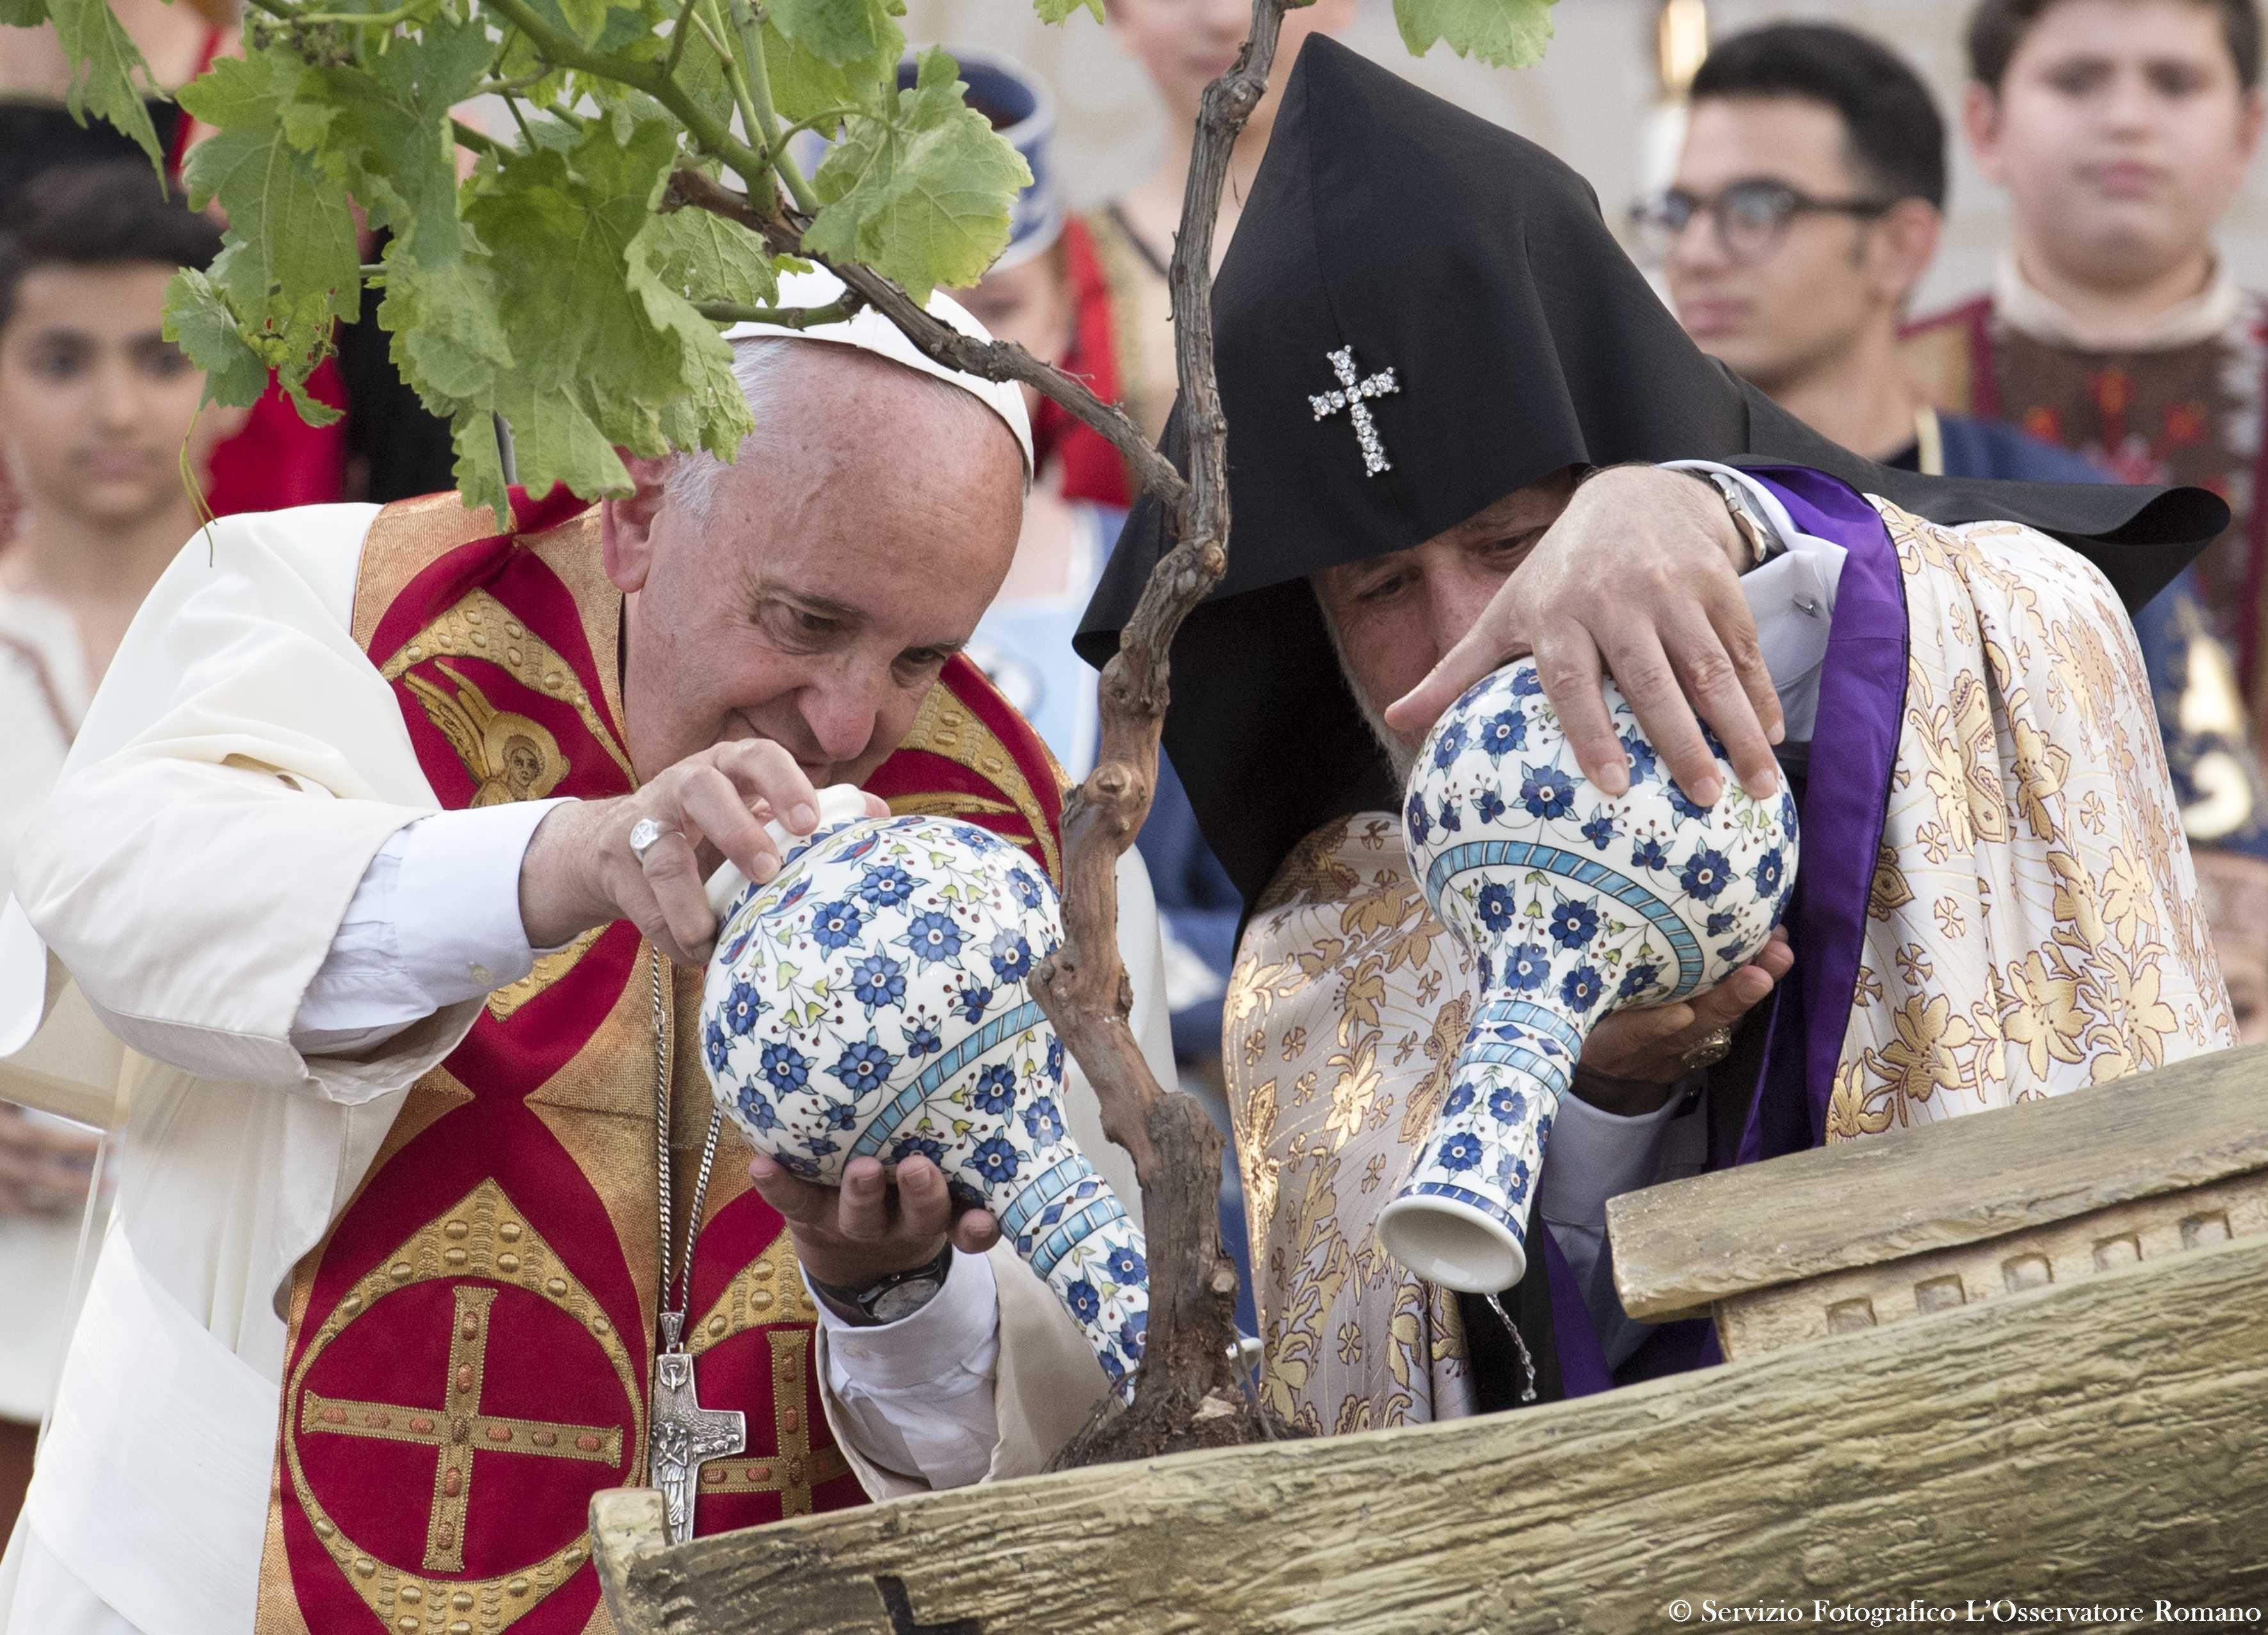 Prière pour la paix, Erevan, 25 juin 2016, le pape et le catholicos arrosent un pied de vigne planté dans une miniature de l'Arche de Noé © L'Osservatore Romano